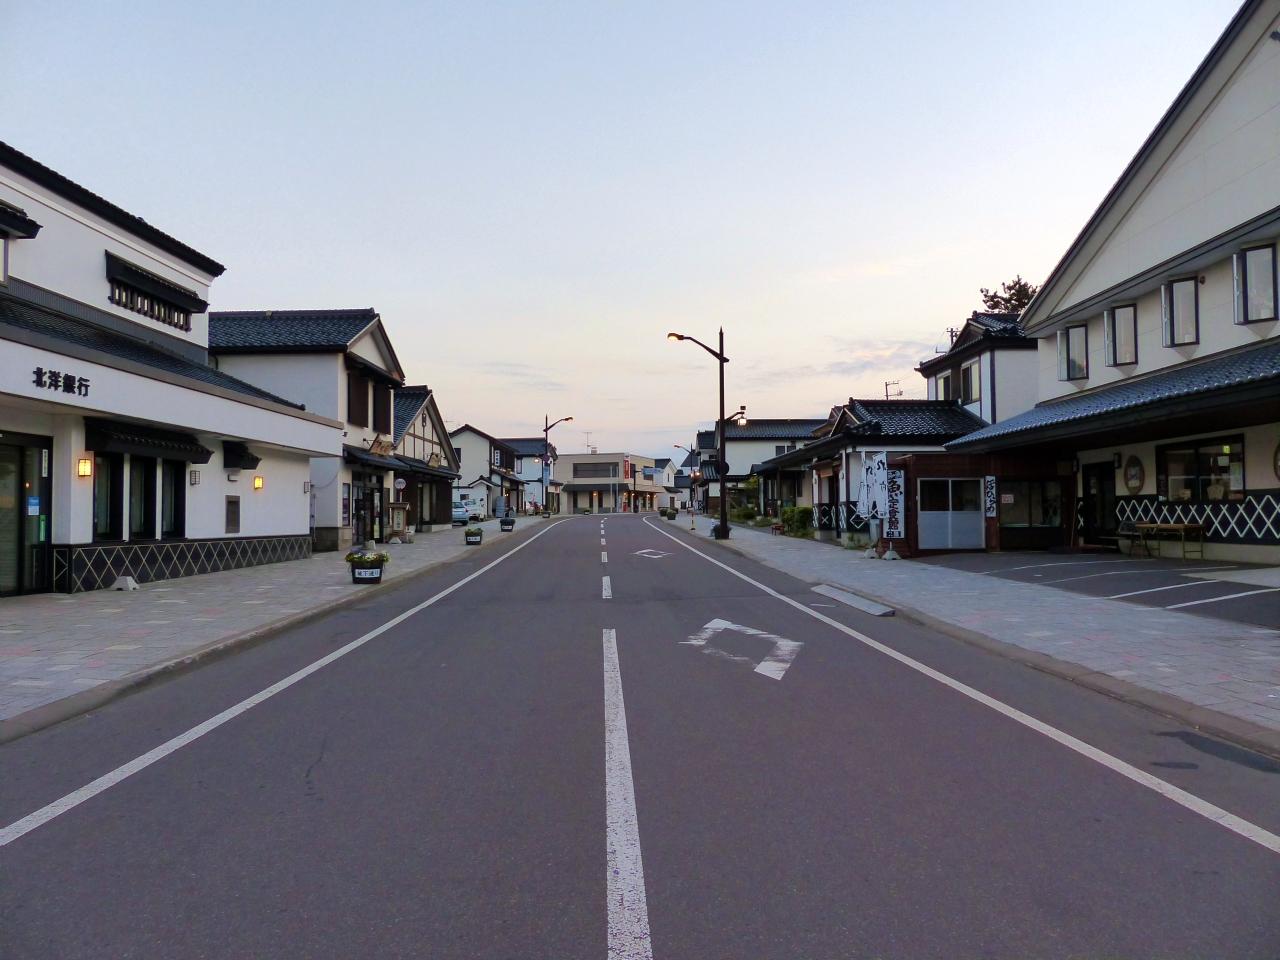 城下町をイメージした建物が並ぶ通り